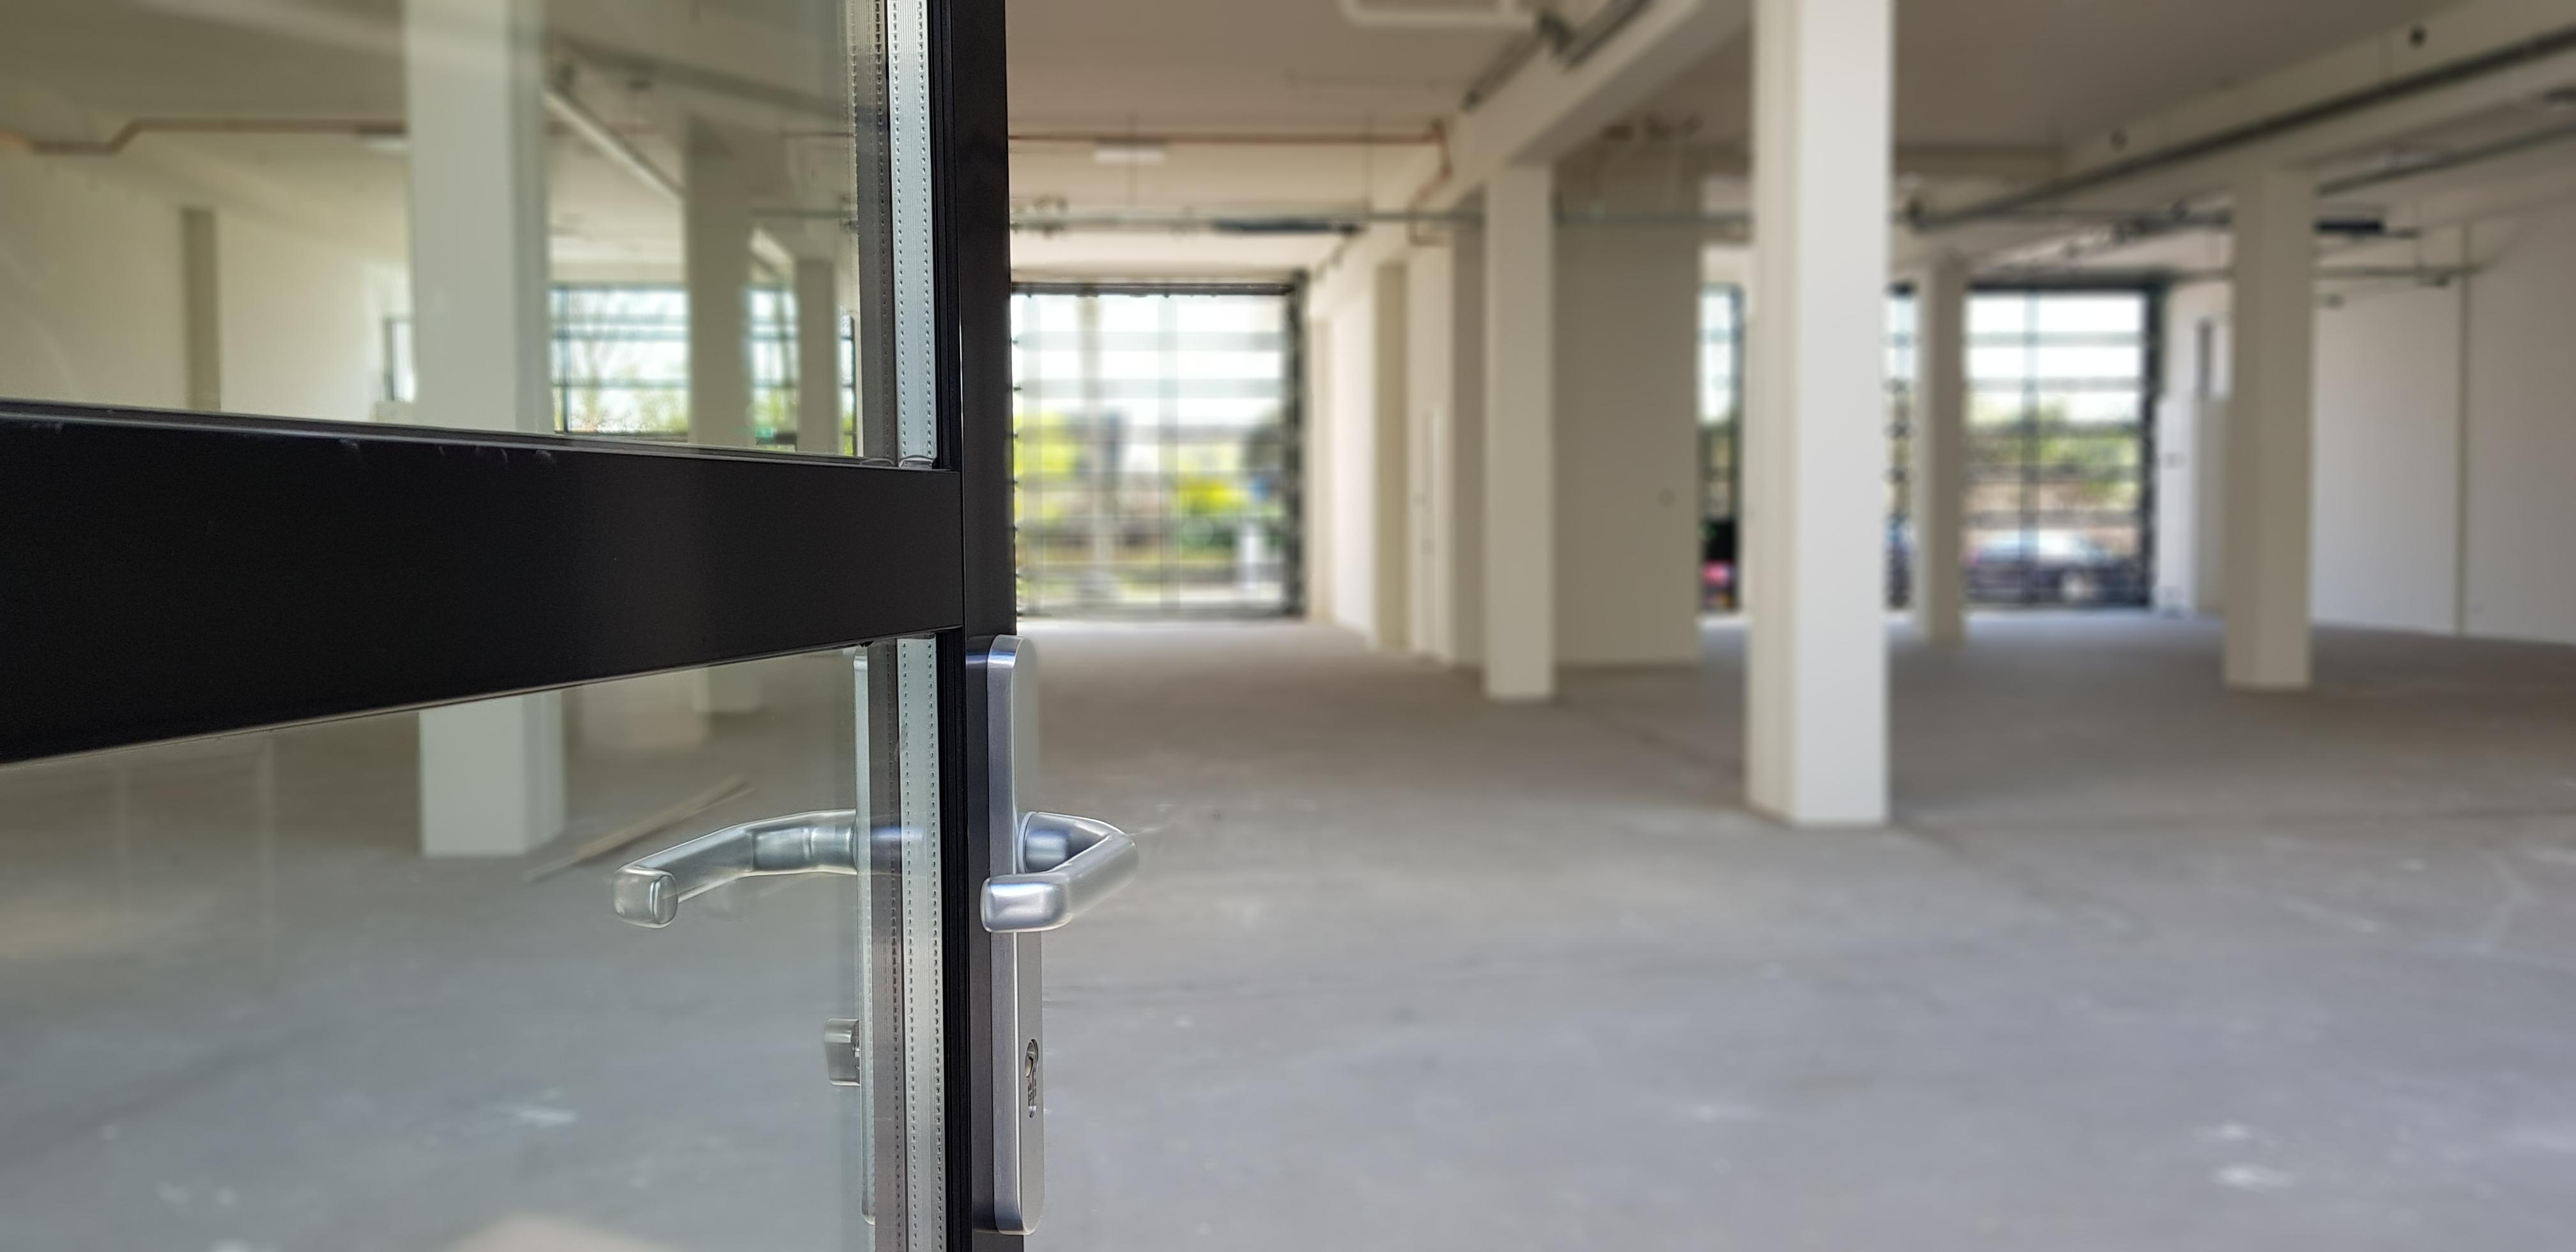 UFA Bouw_Renovatie_Generaal Vetterstraat_Bedrijfslofts_Binnendeur patio